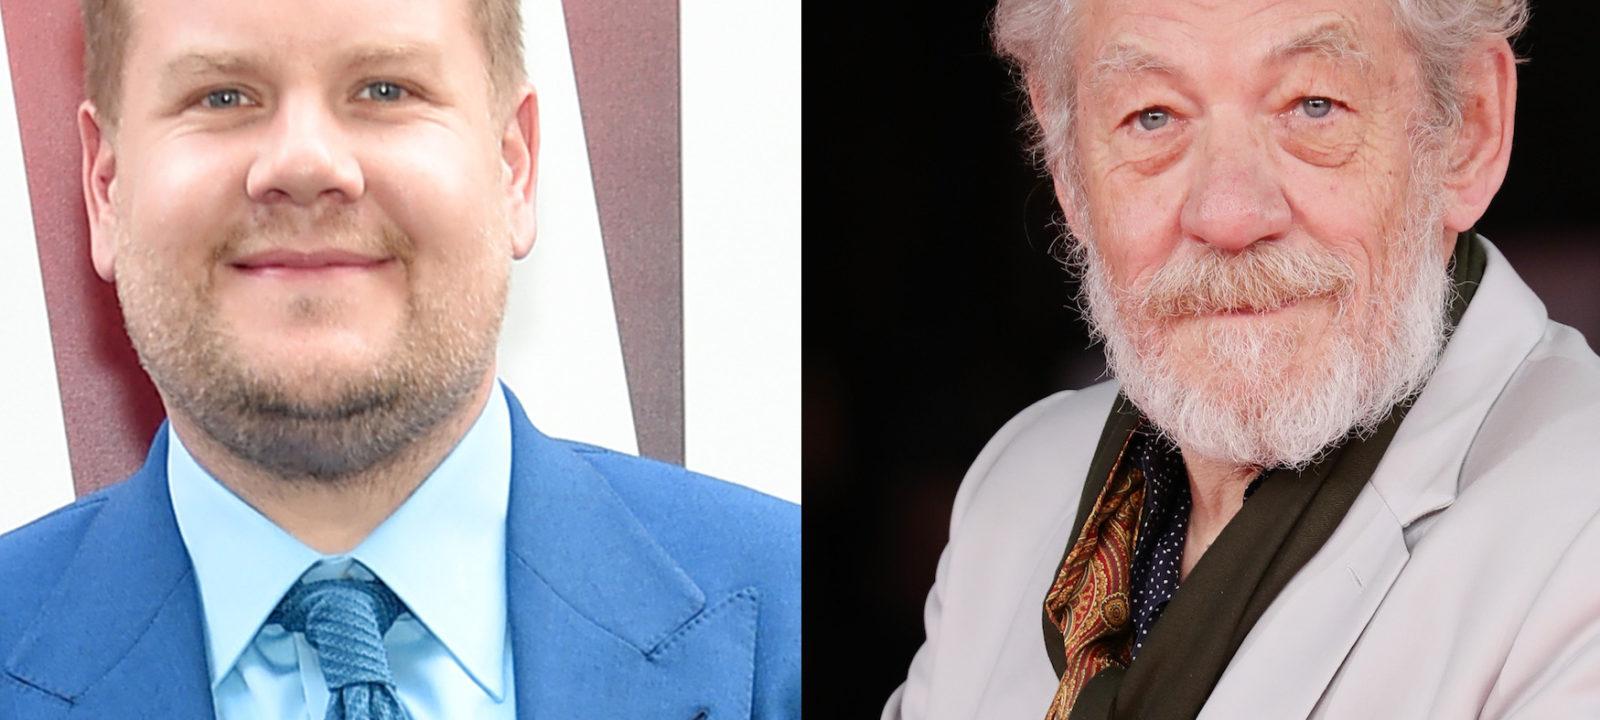 Composite image of James Corden and Sir Ian McKellen